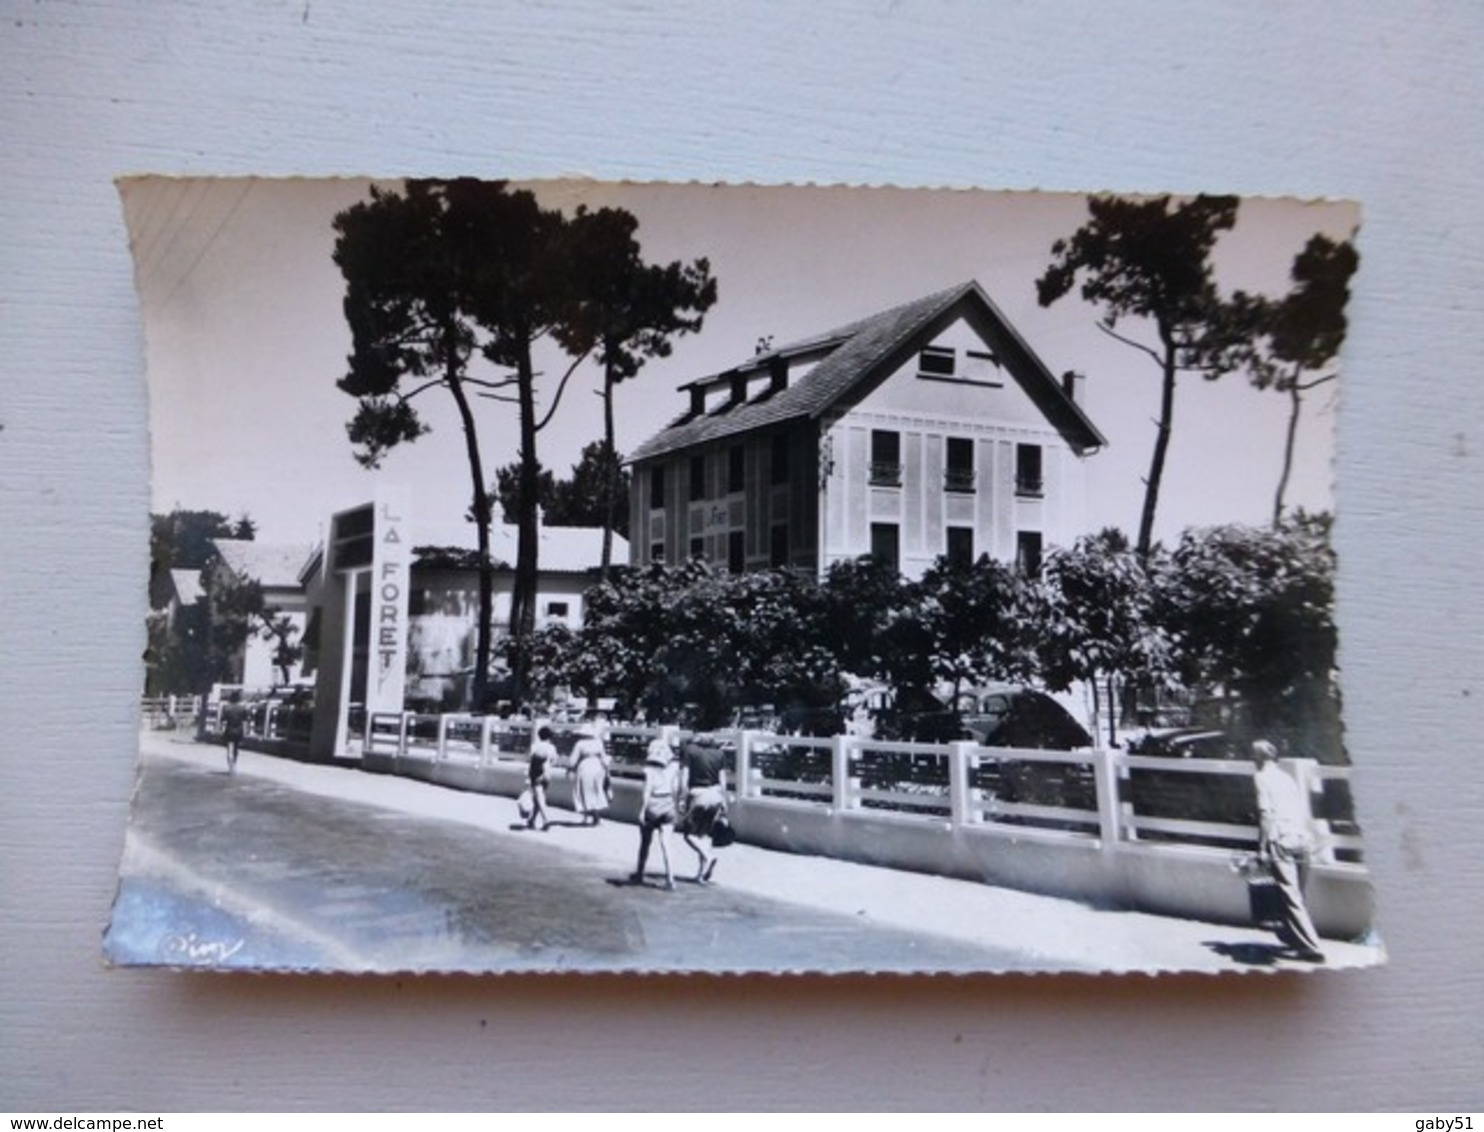 17 Saint-Trojan, Boulevard Pierre Whein, Animée Vers 1950 Ref 920 CP01 - Ohne Zuordnung